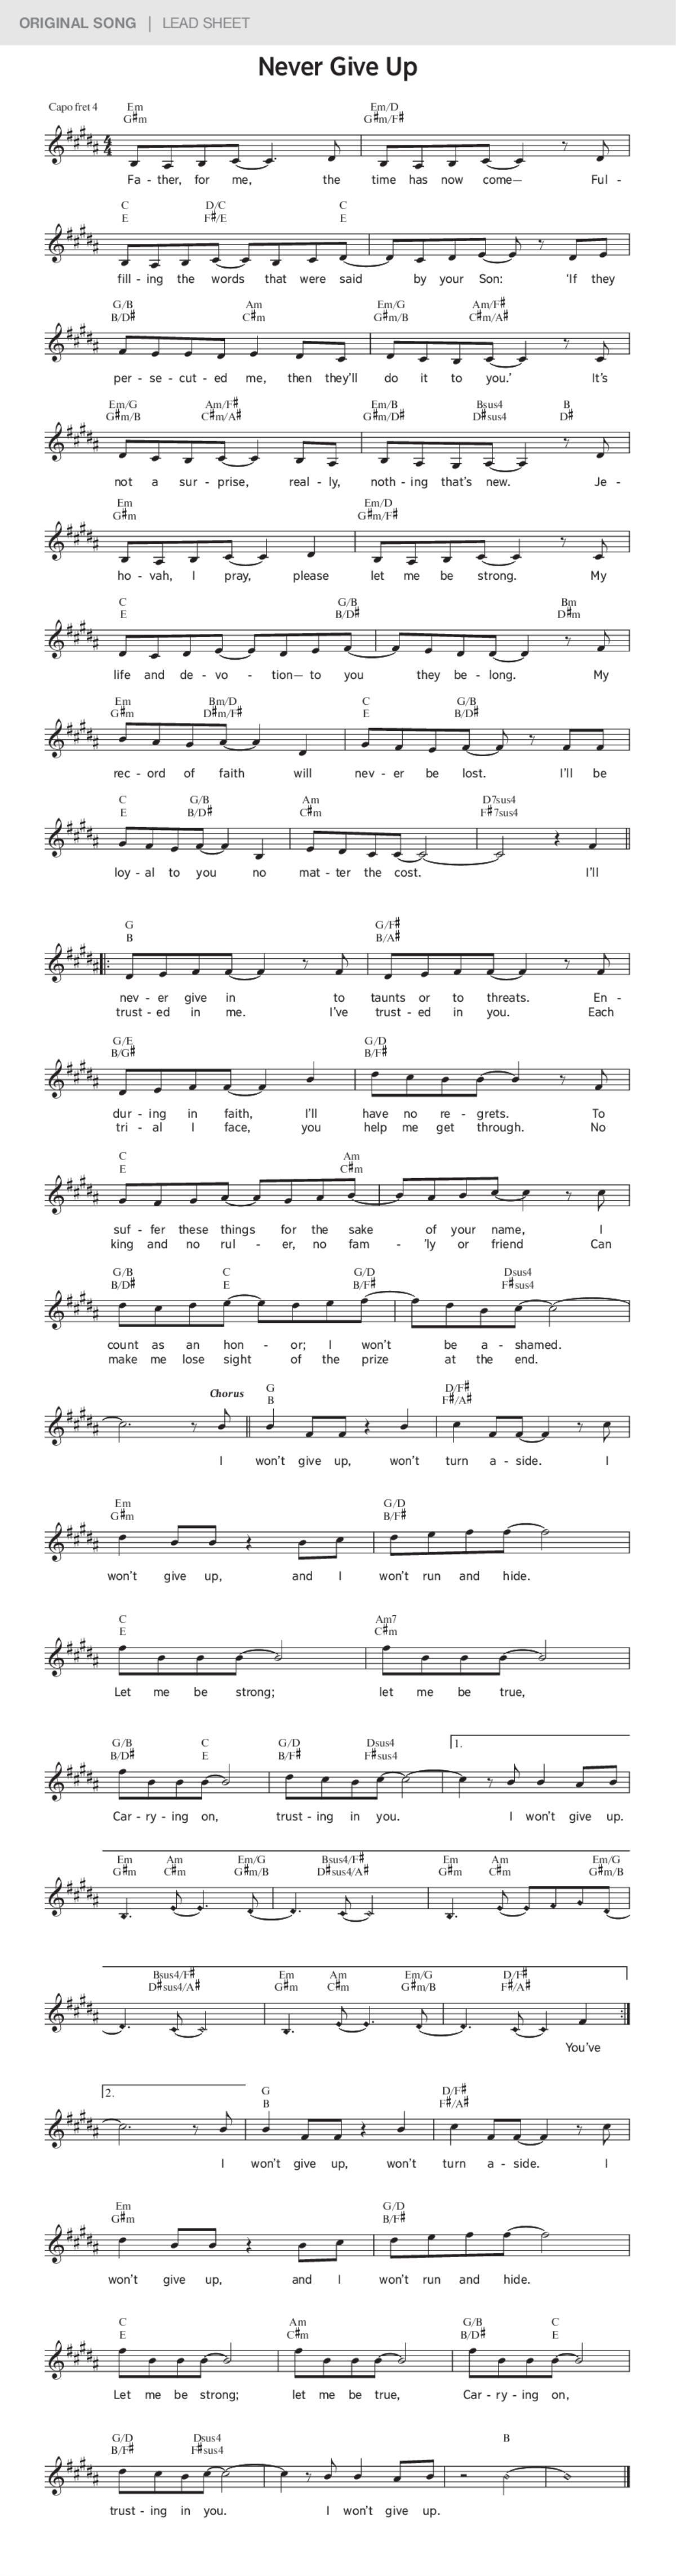 Never Give Up Jworg Original Song Lyrics